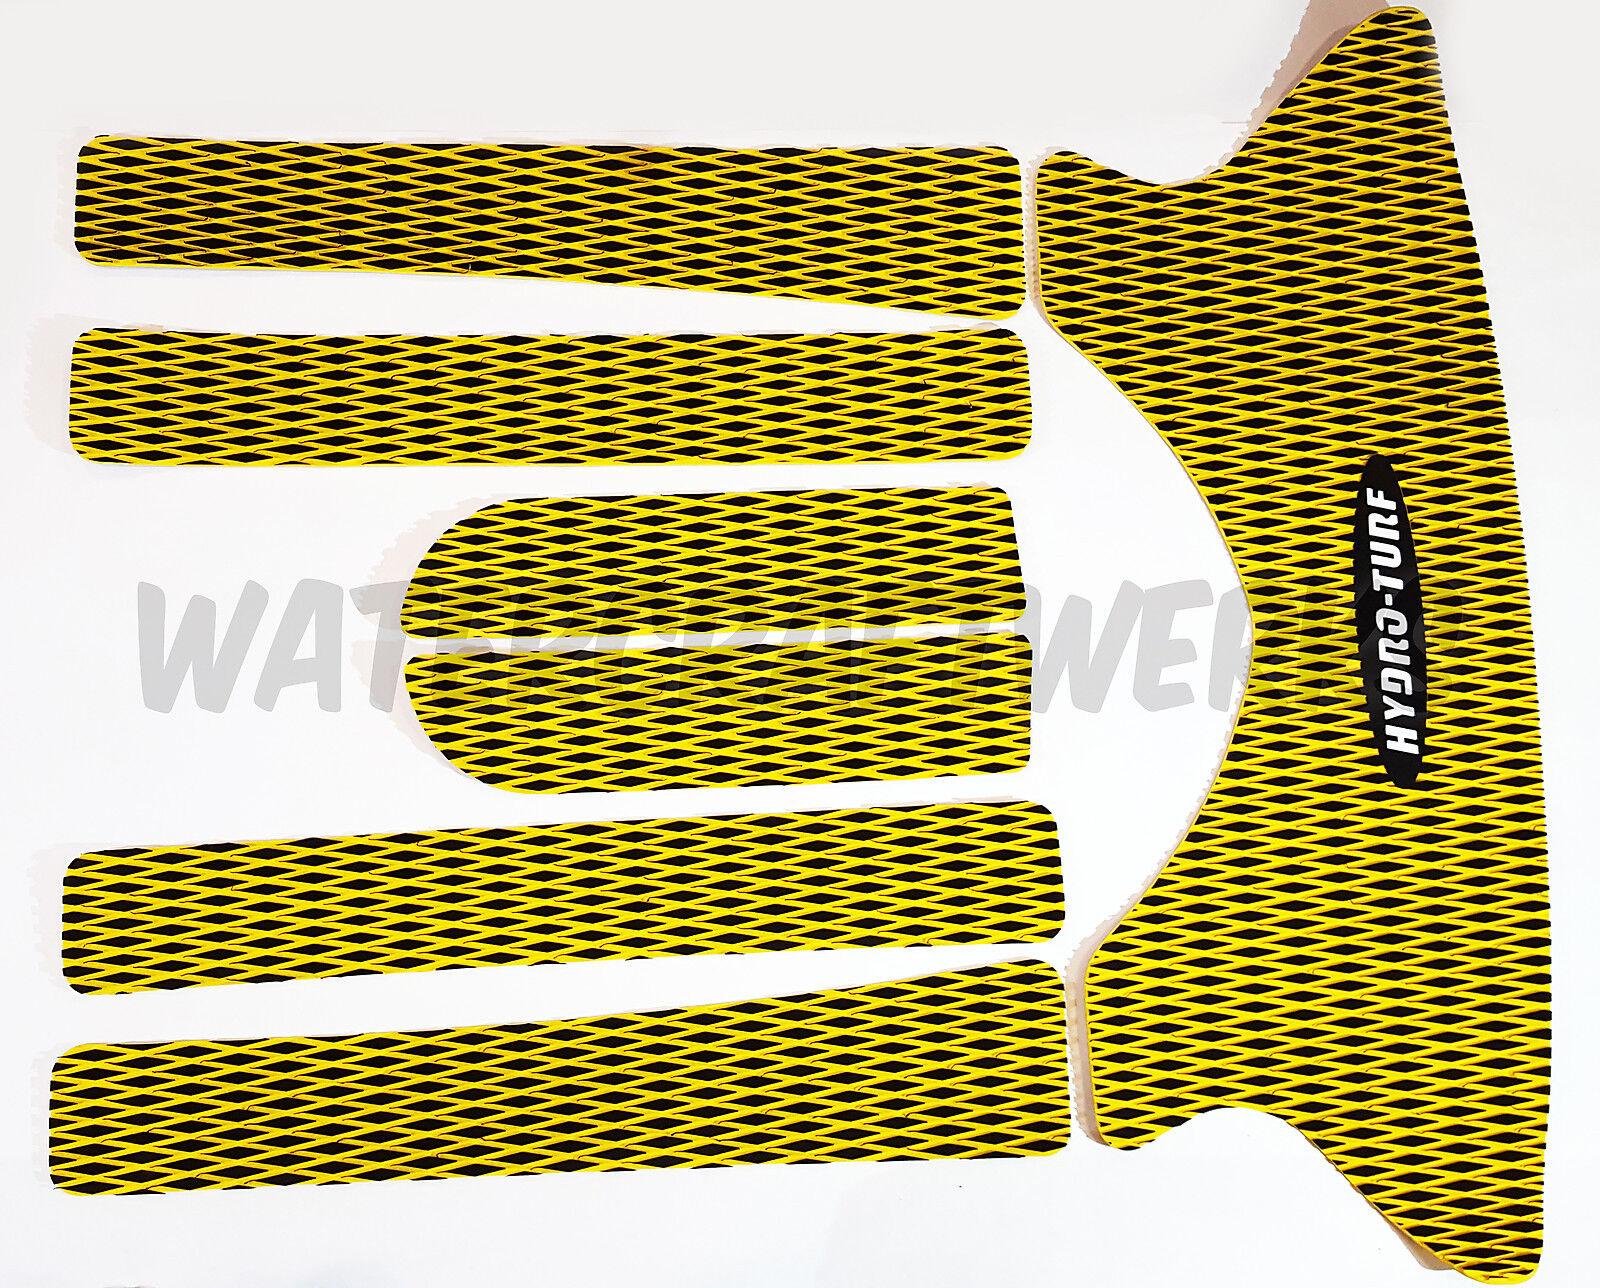 Hydro-Turf auf Lager - Kawasaki 1100STX Di - Alle 15F Stx 01-13 15F Alle 2T Blk / Yello 1a64ae